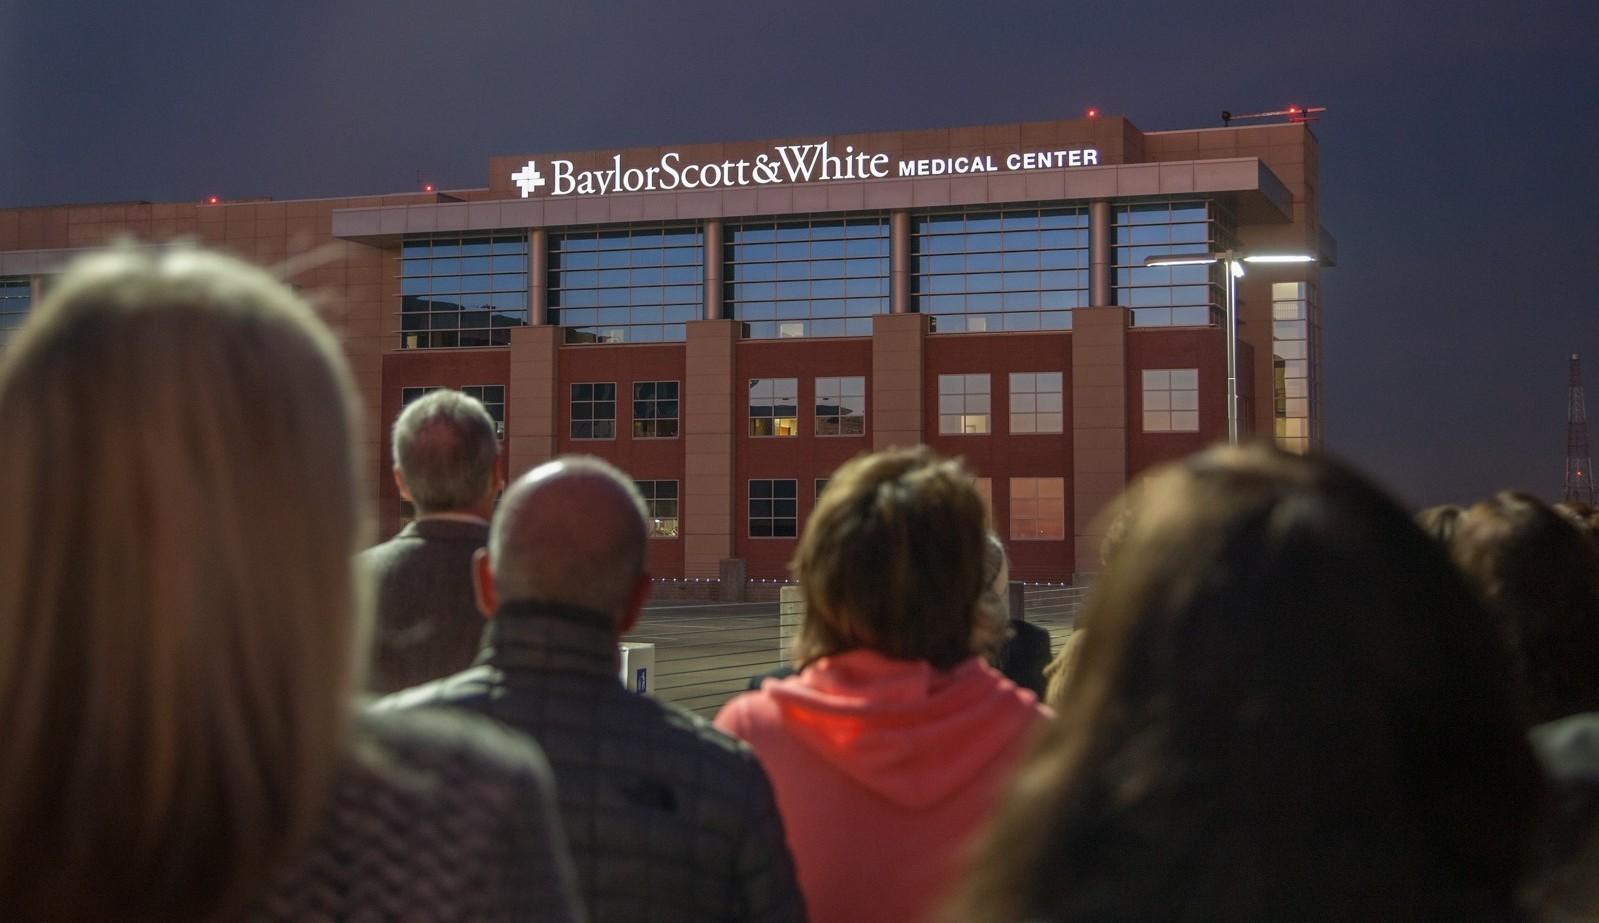 Baylor Scott White Medical Center new Sign December Plano